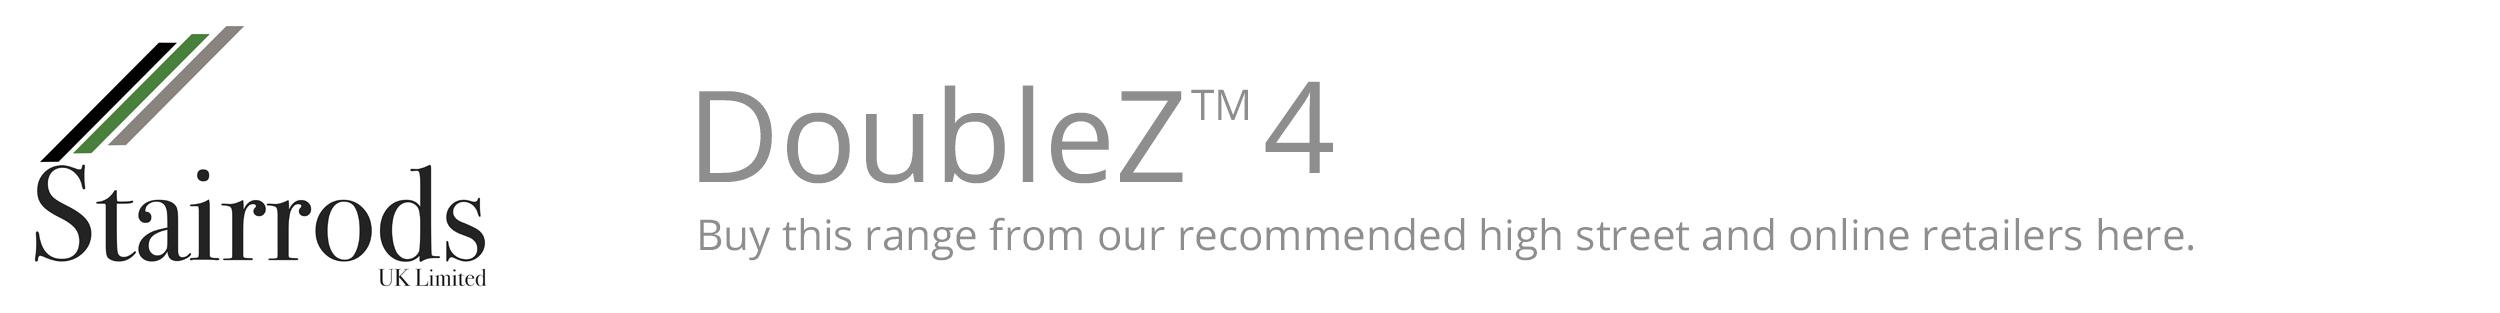 DZ4.jpg